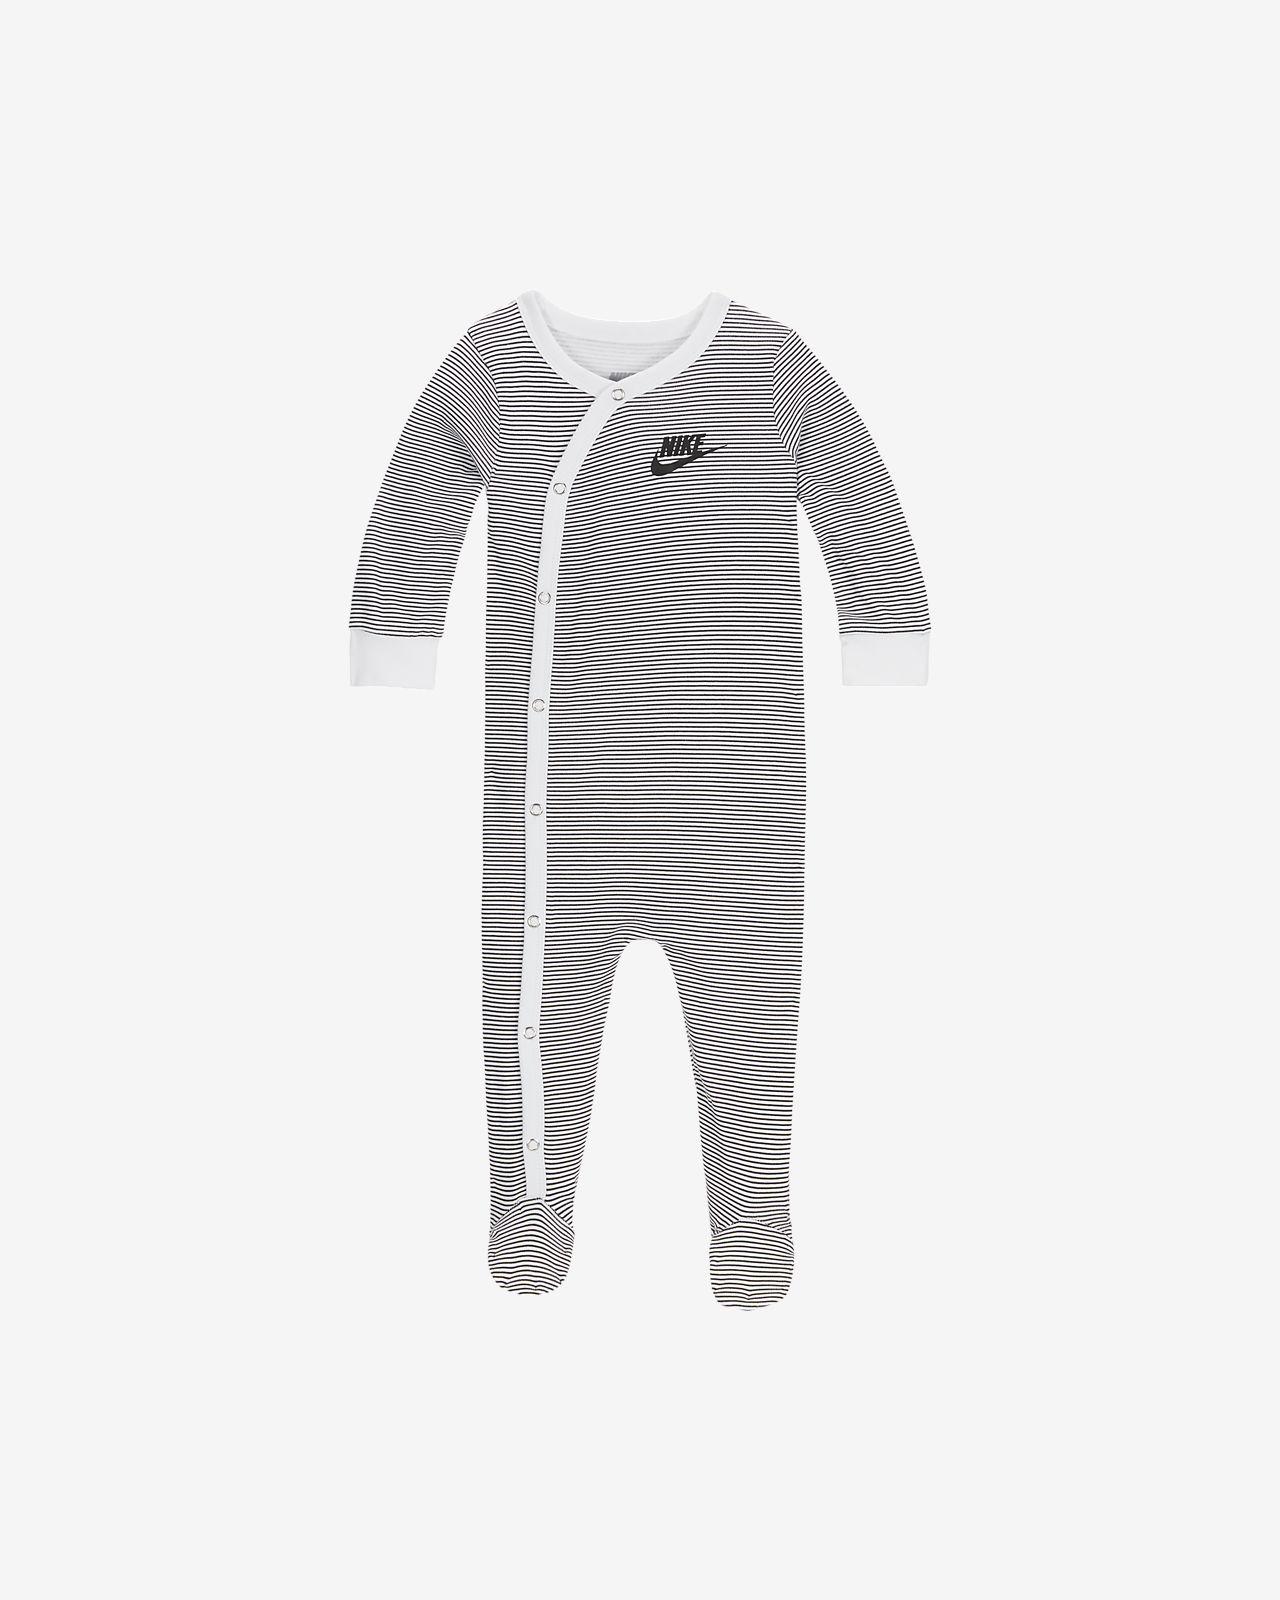 Combinaison à pieds et manches longues Nike pour Bébé (0 9 mois)